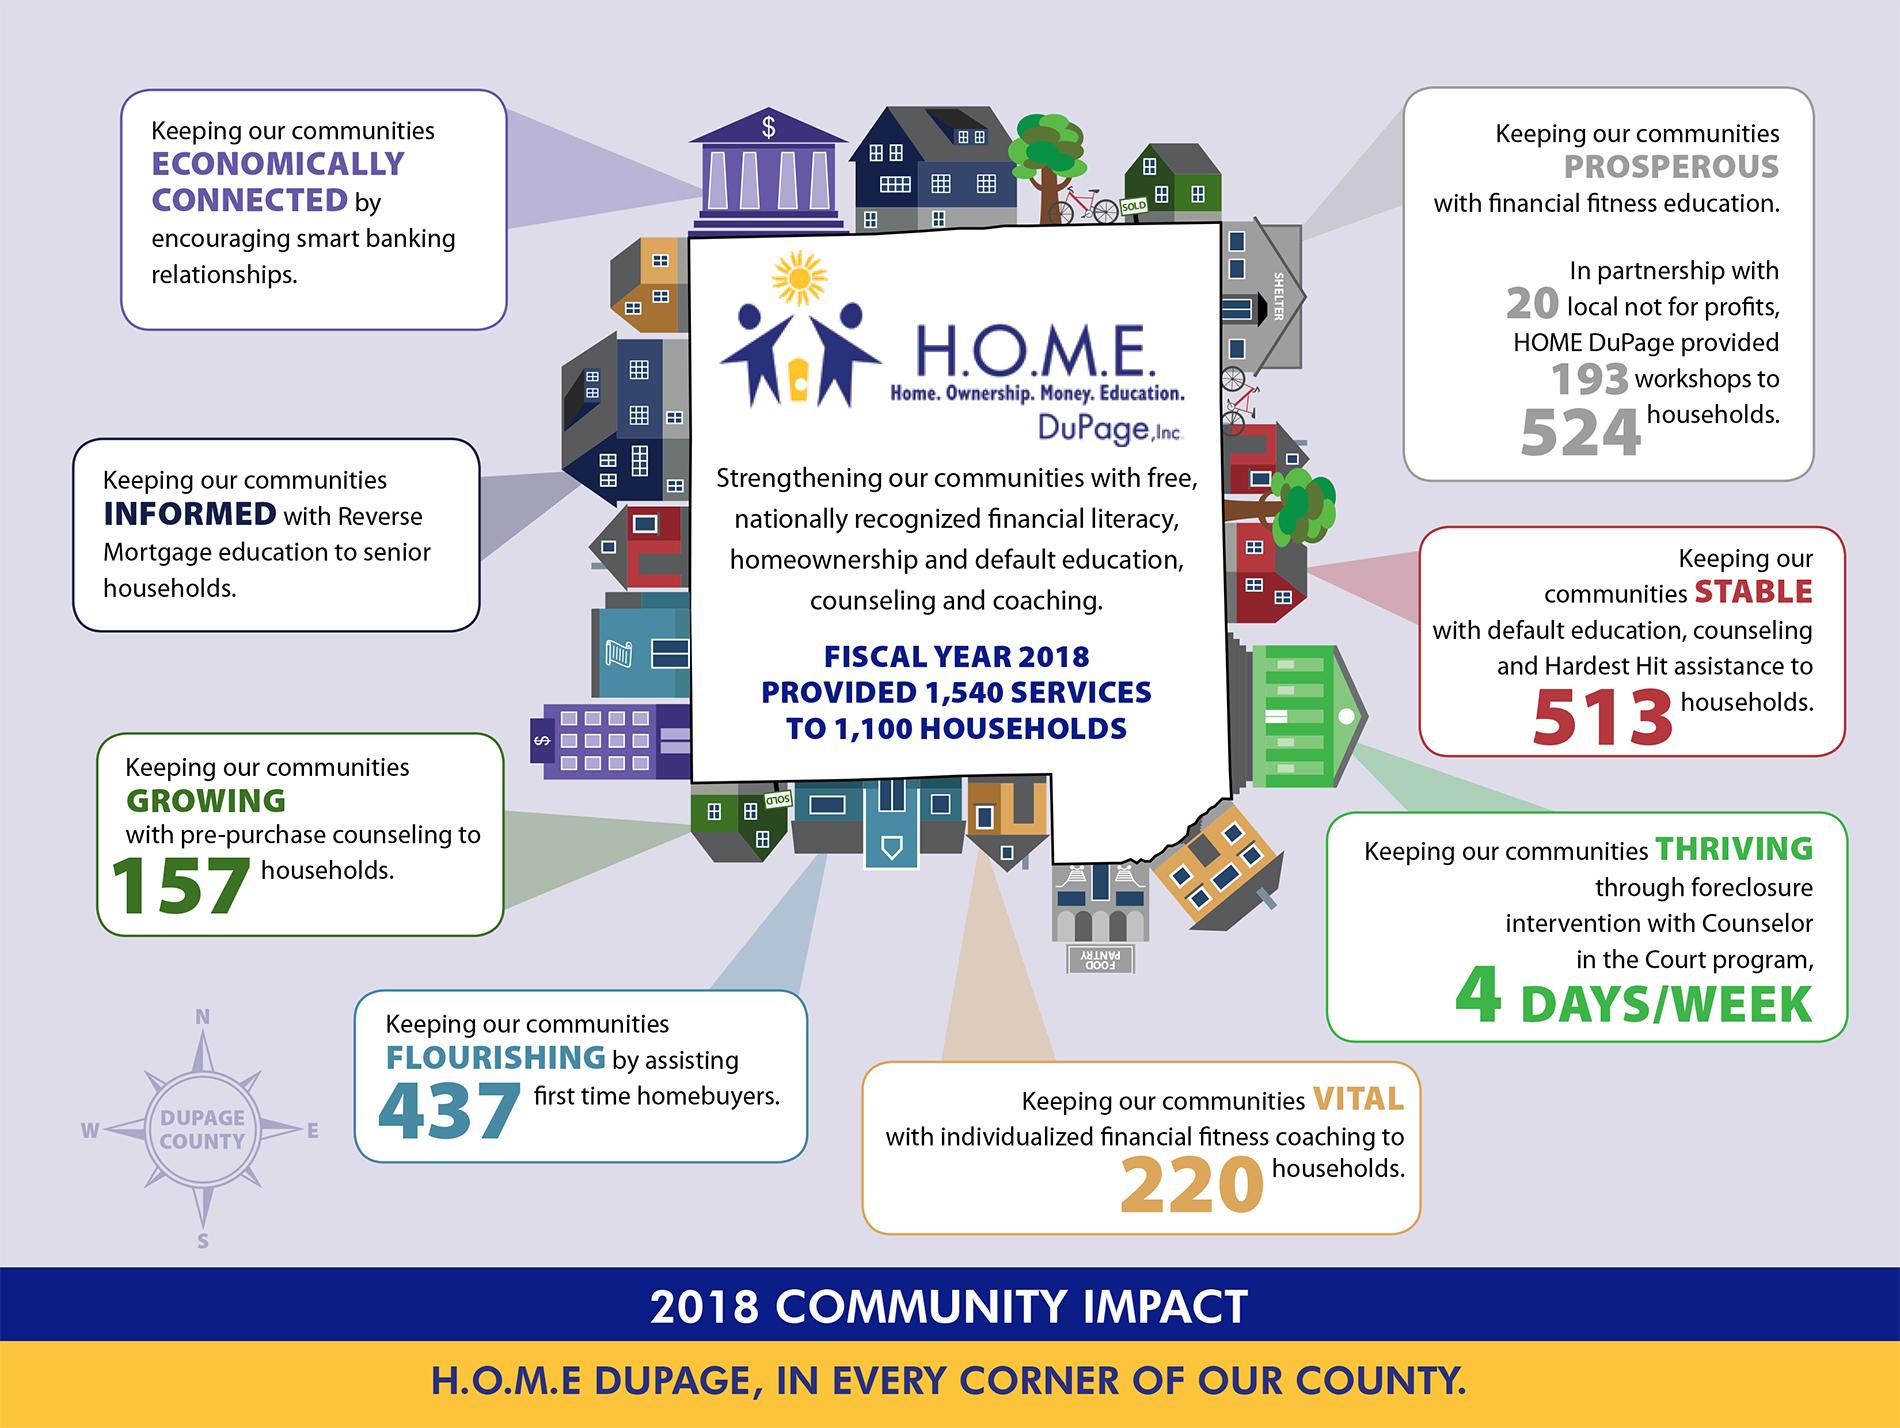 community impact image resized for web